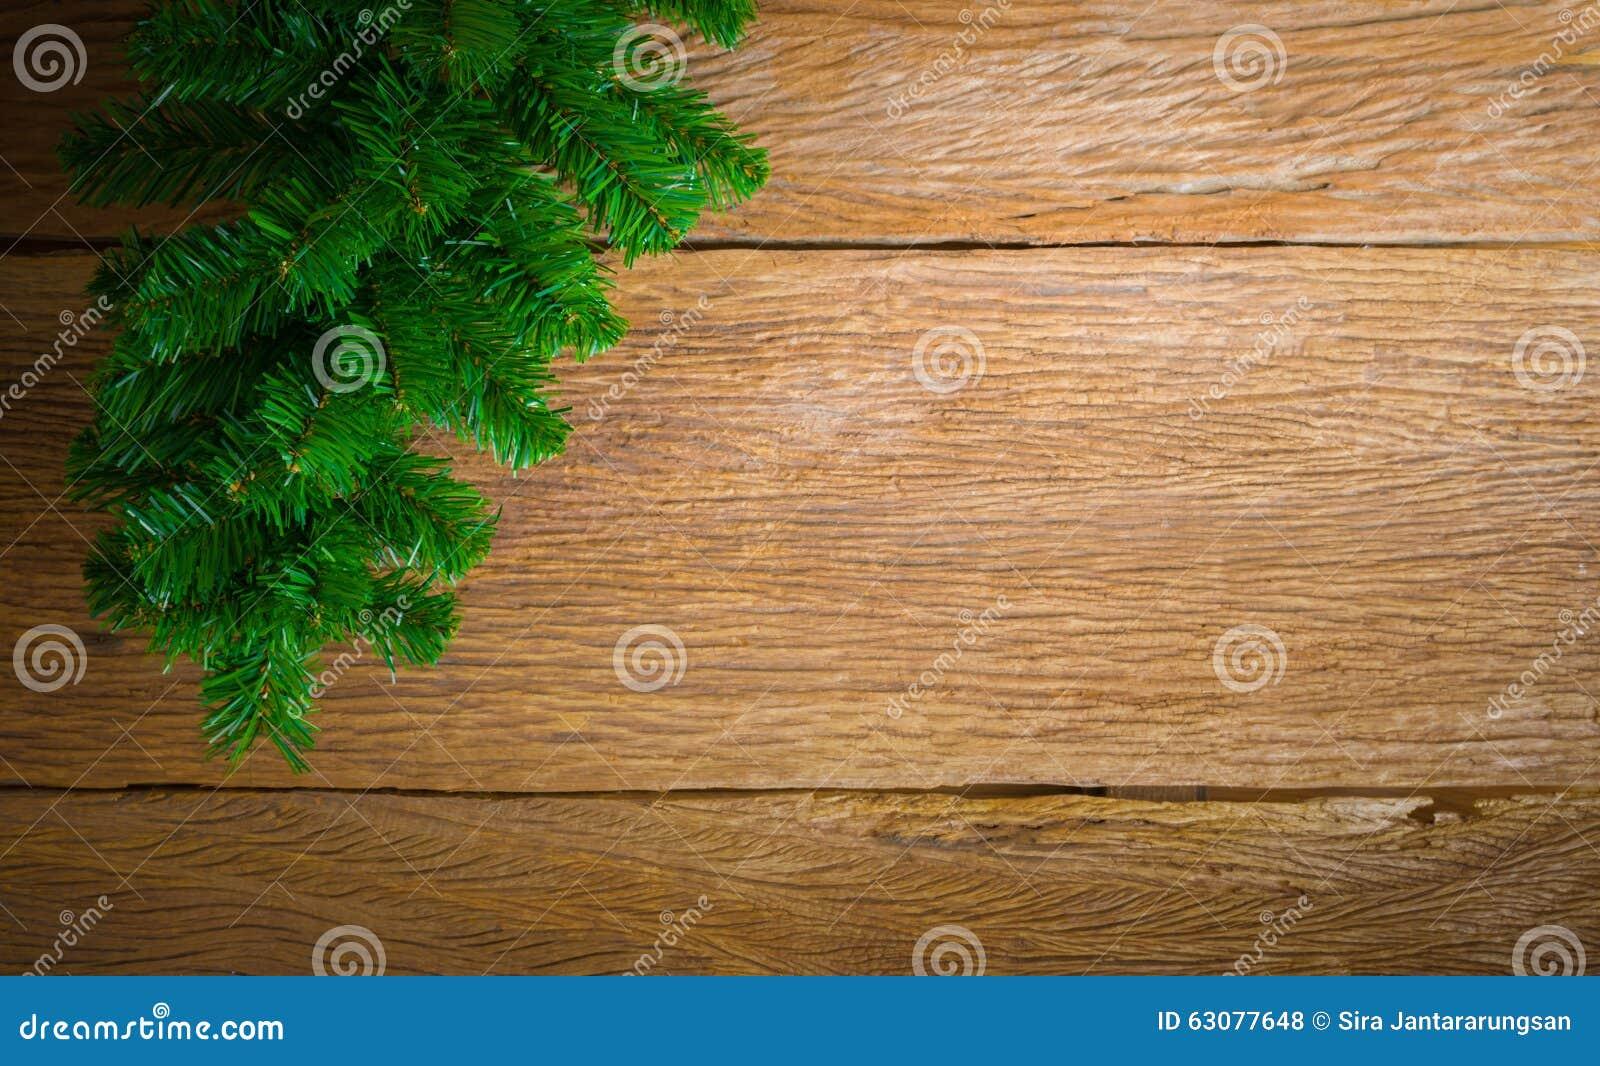 Download Thèmes de fond de Noël photo stock. Image du décoratif - 63077648